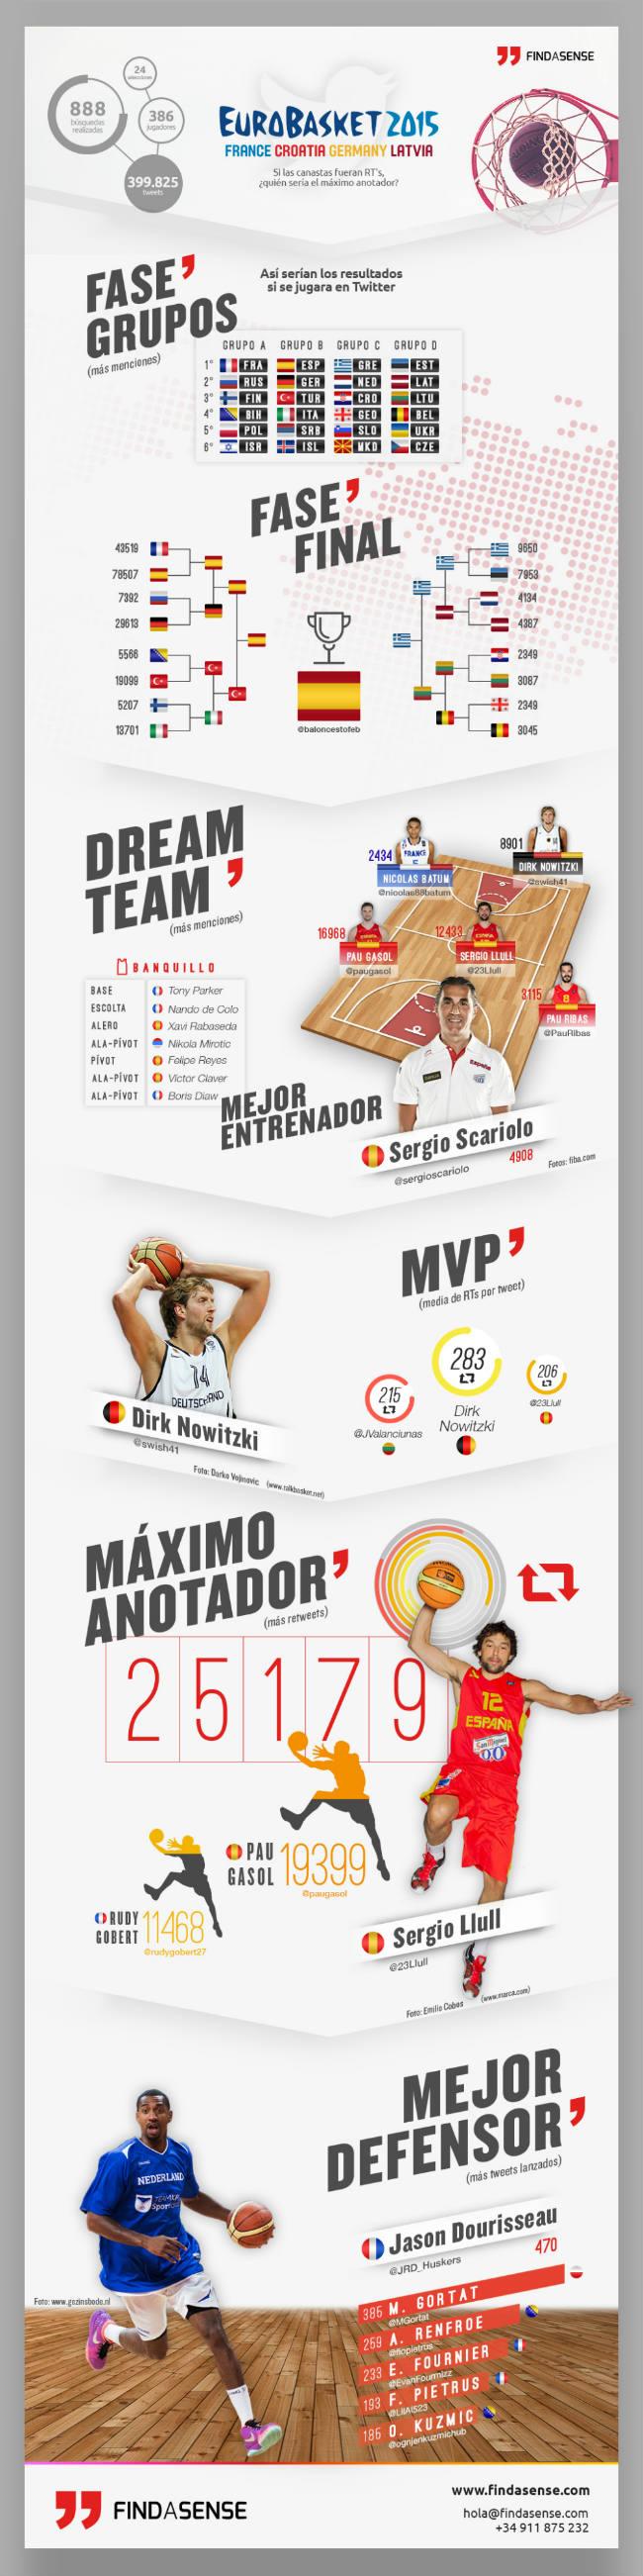 erevna-eurobasket-twitter